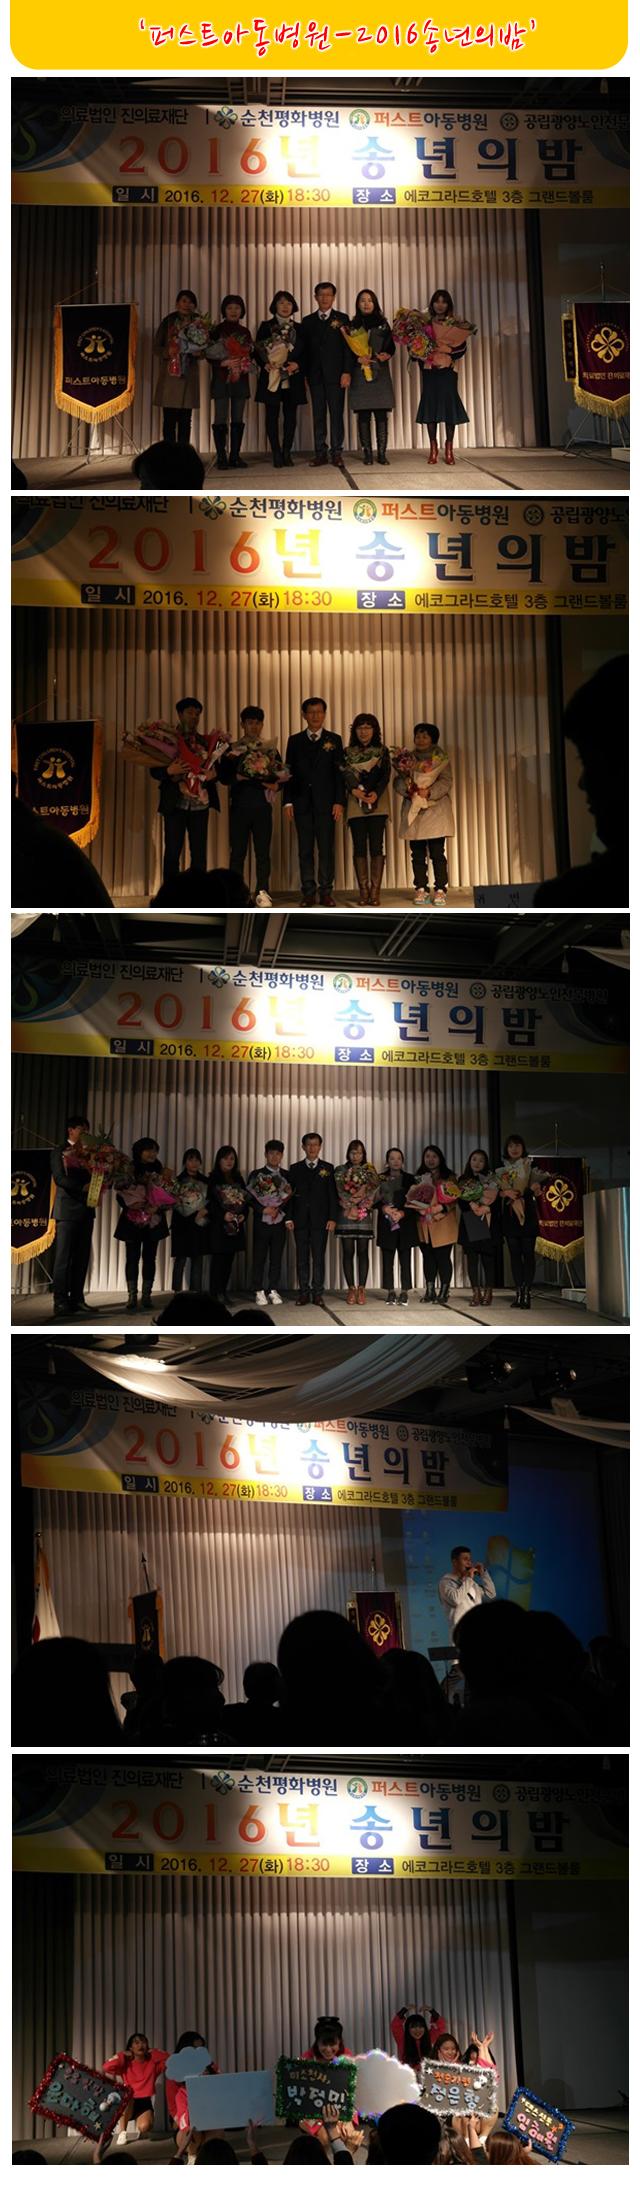 2016년 송년의 밤